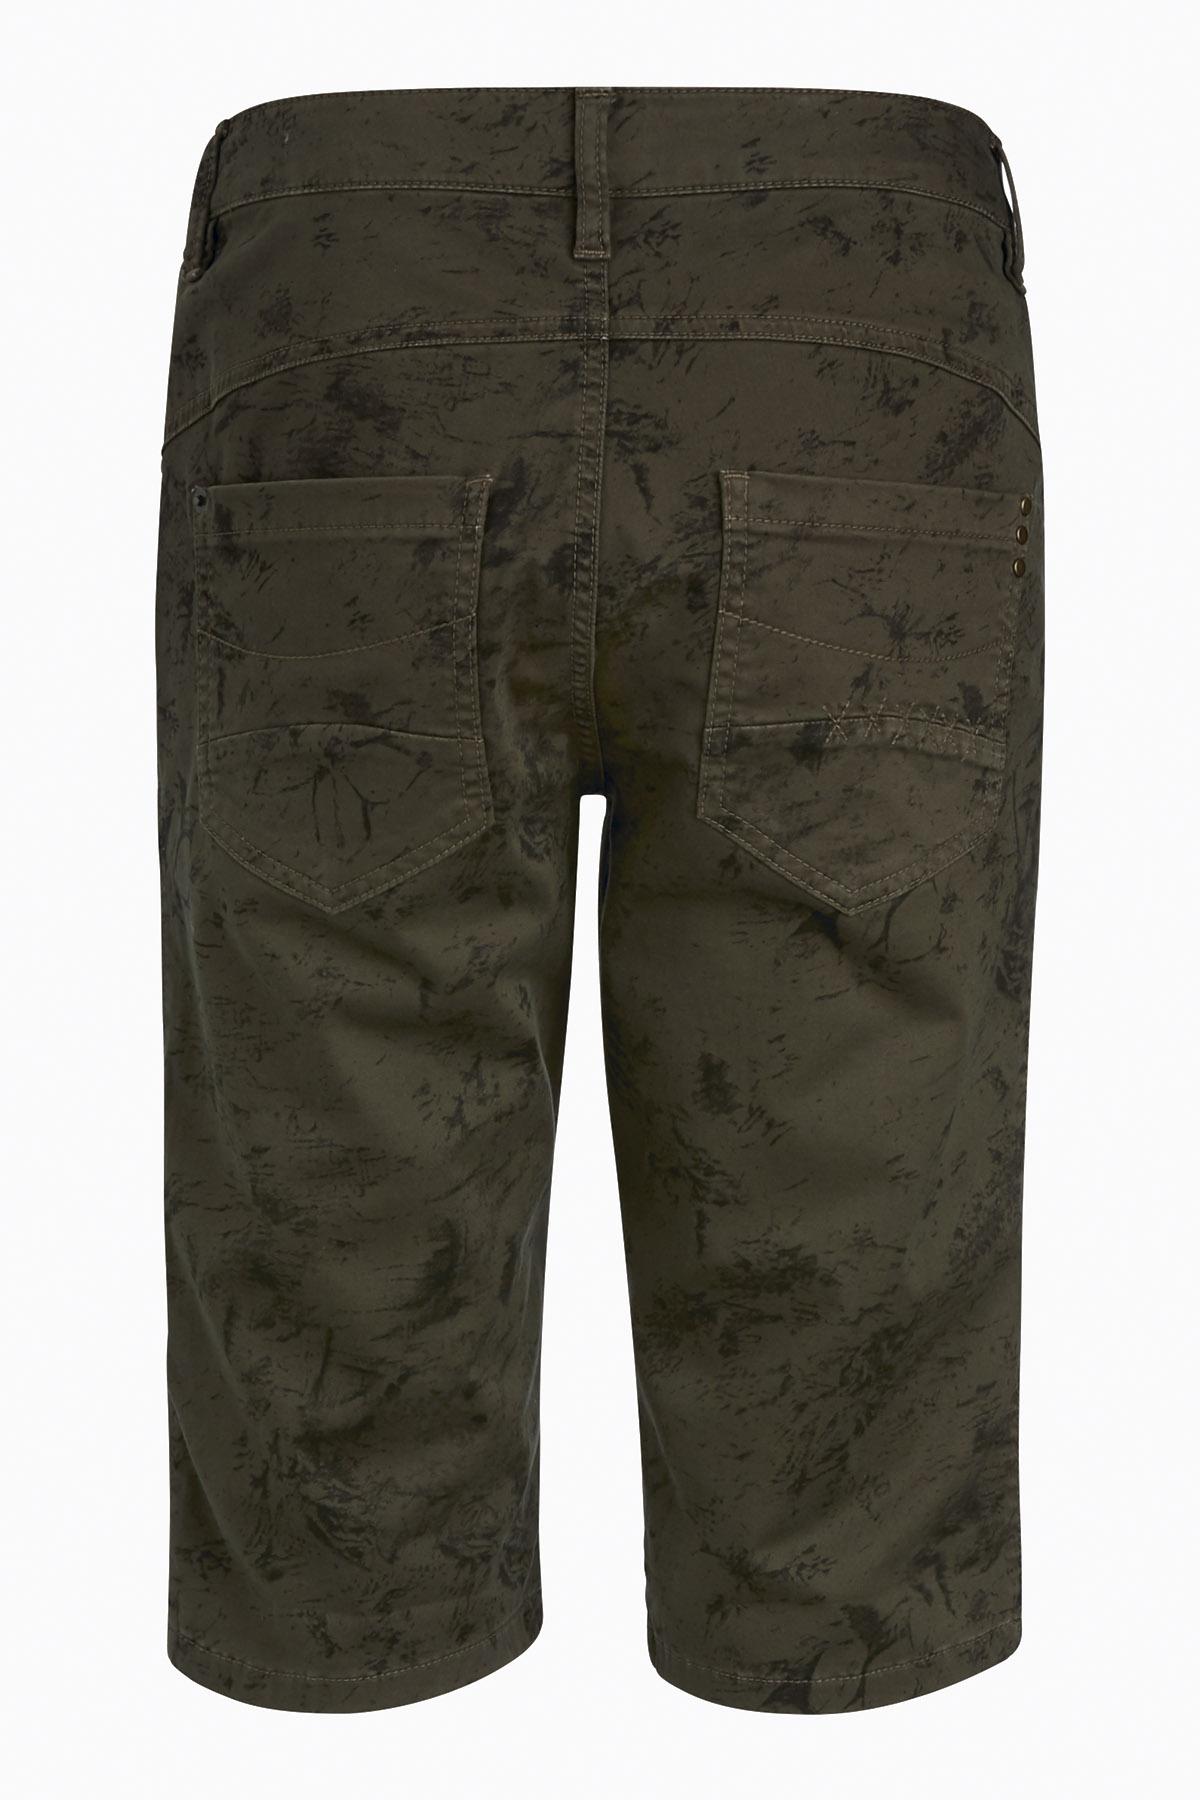 Kaki/grå Shorts från Bon'A Parte – Köp Kaki/grå Shorts från stl. 34-54 här